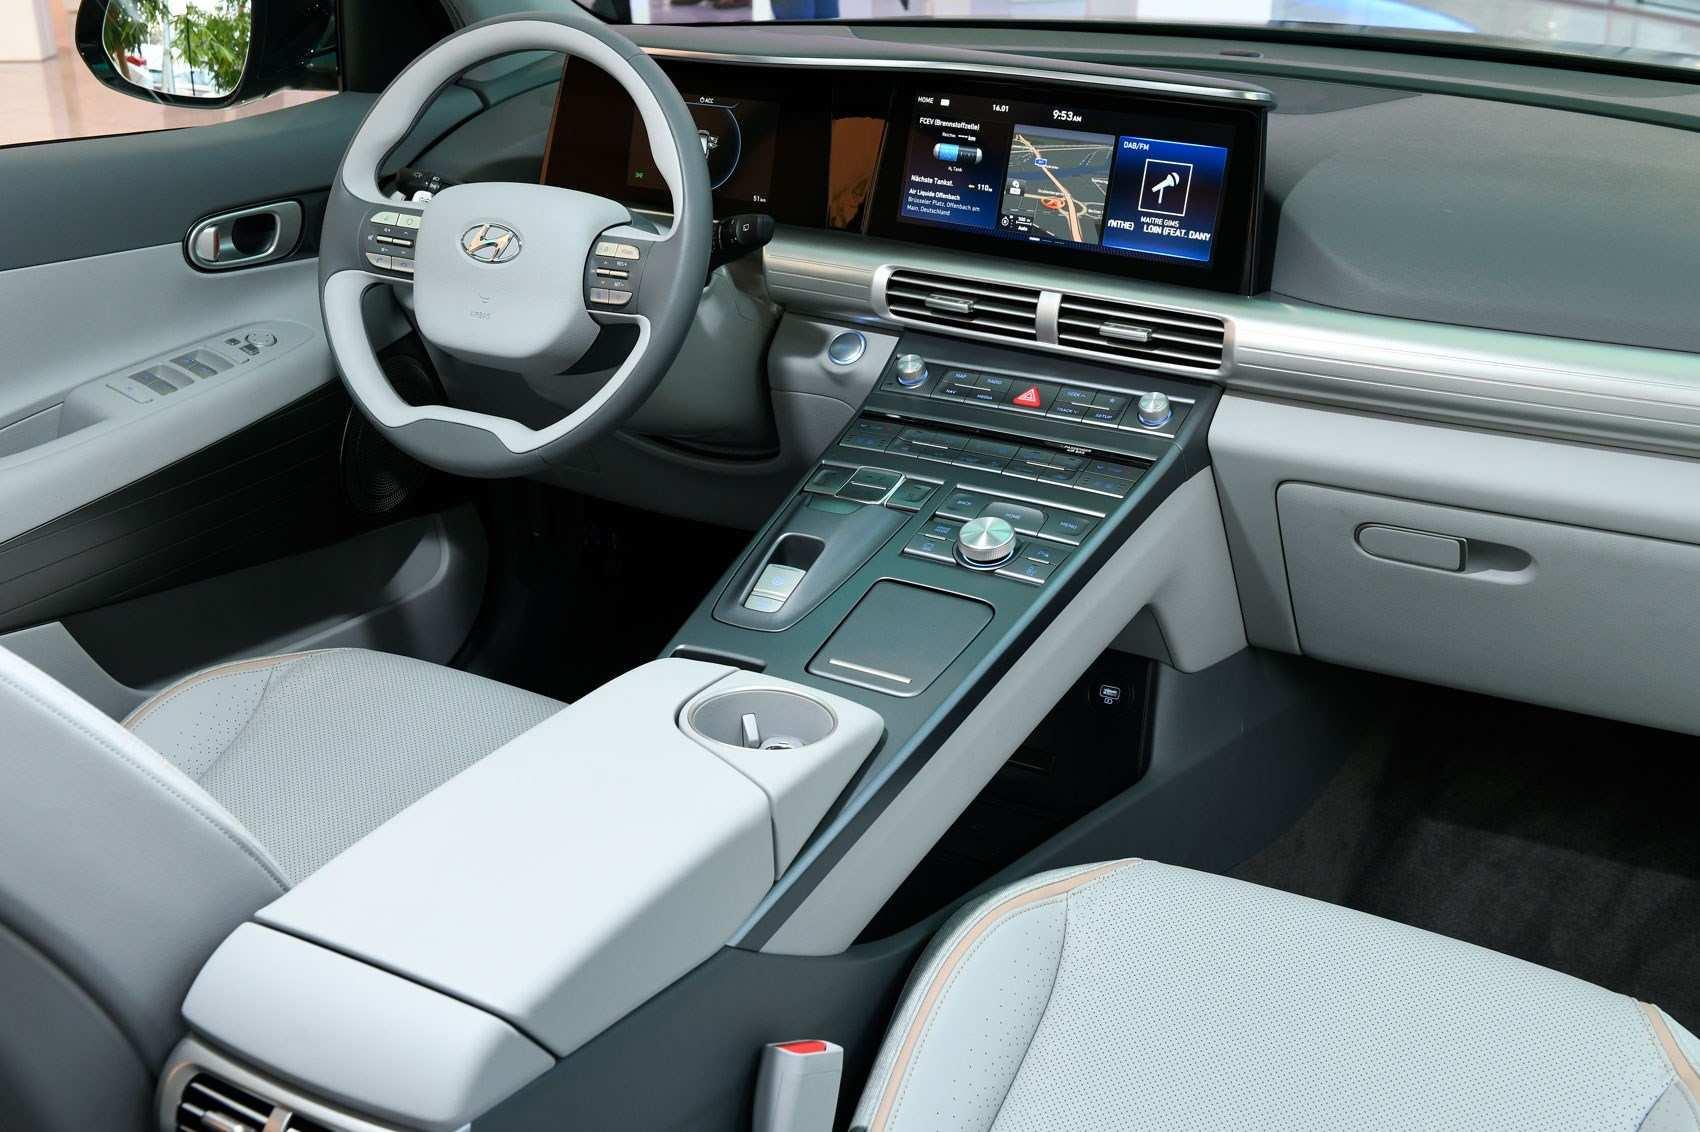 16 Gallery of 2019 Hyundai Nexo Interior Spesification by 2019 Hyundai Nexo Interior